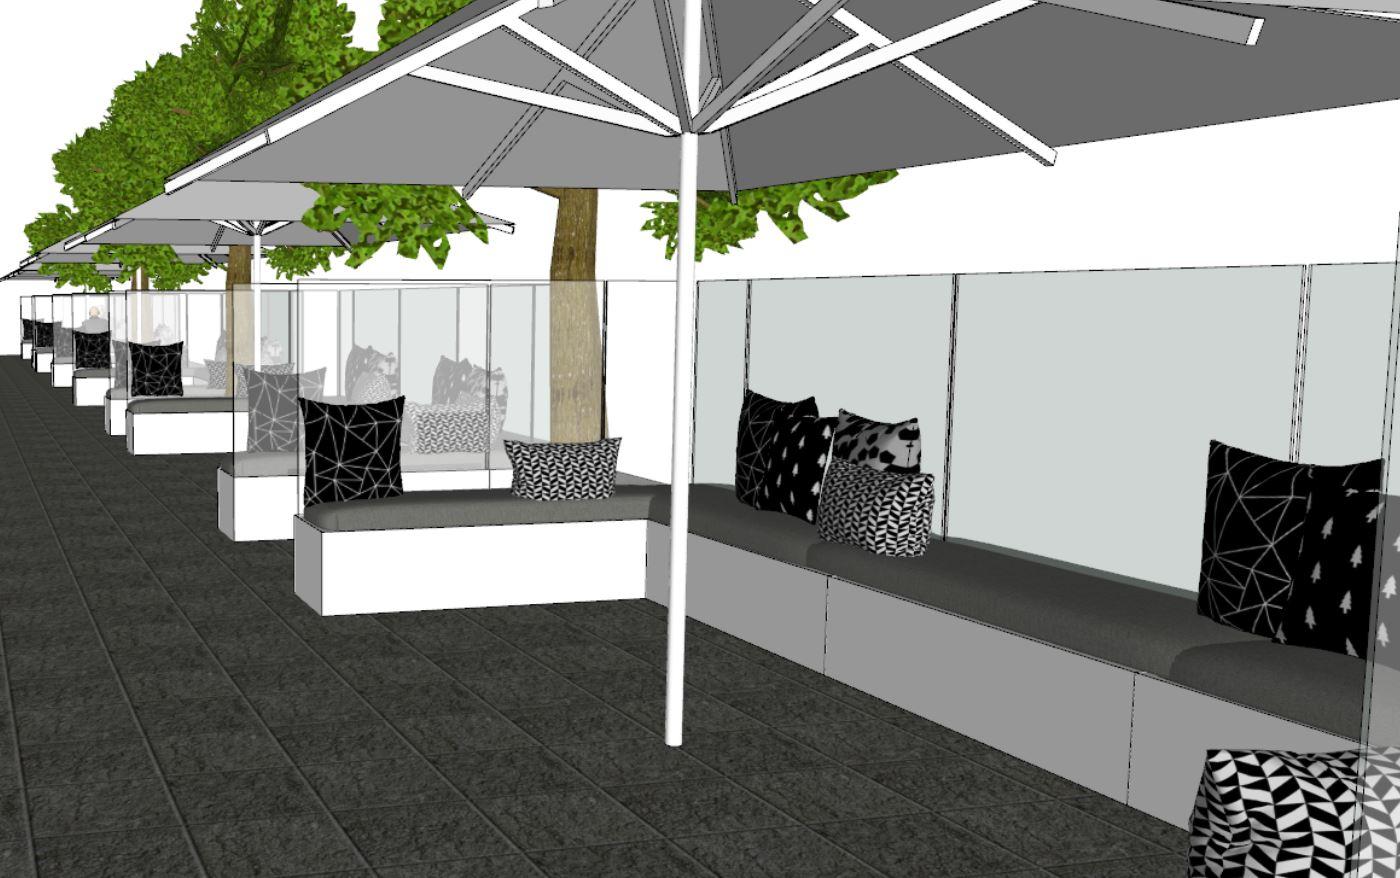 Paravent Vanhoof en complément des parasols professionnels e-terrasses